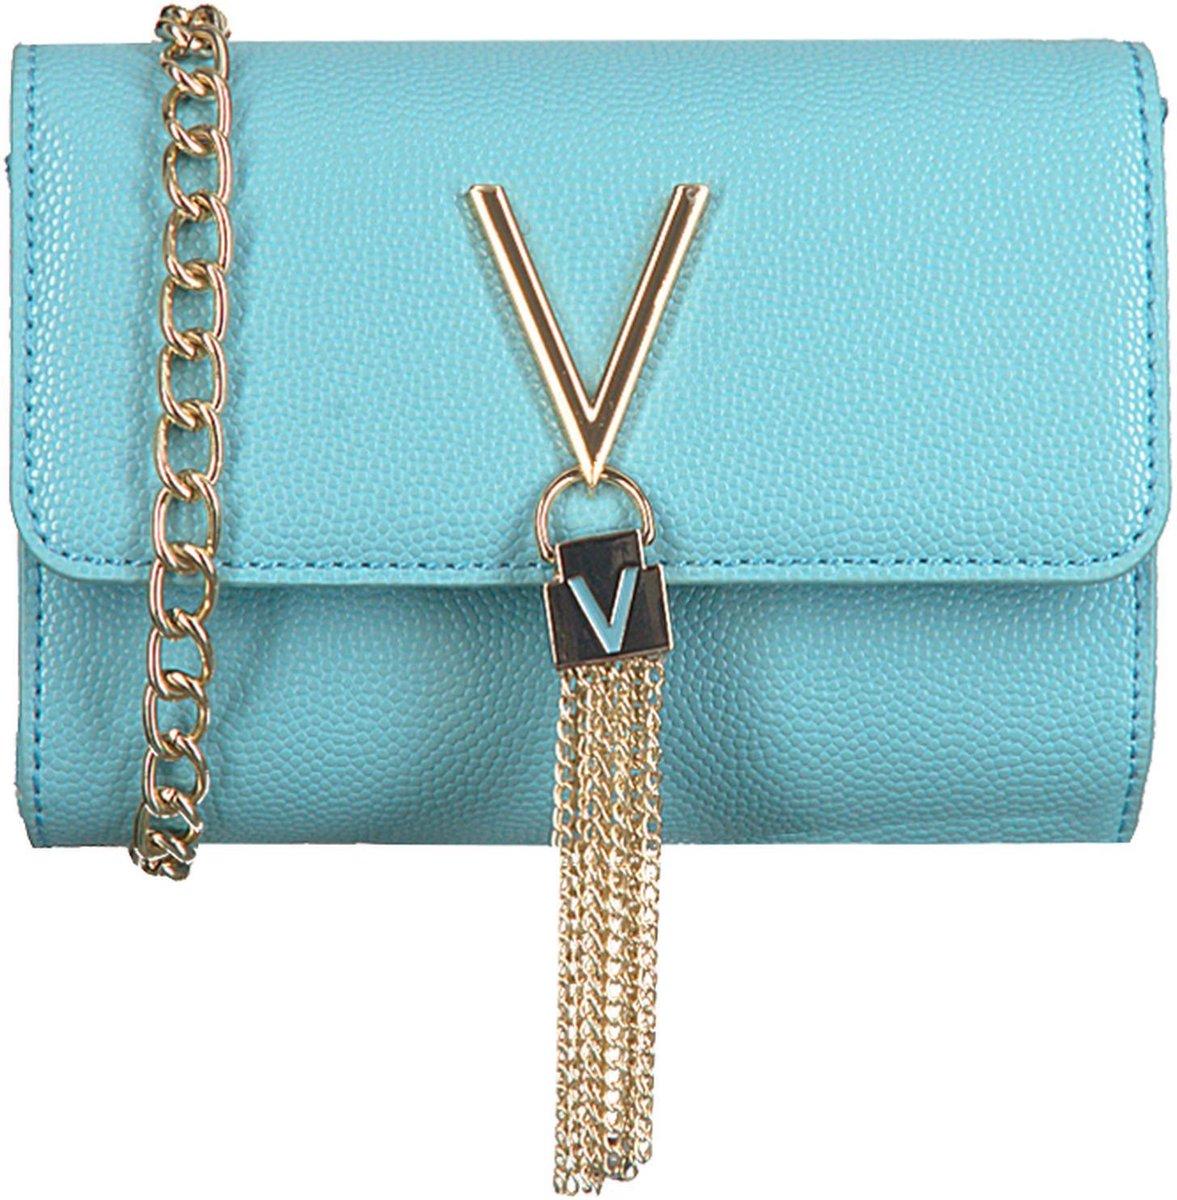 Valentino Bags Divina Dames Schoudertas - Blauw